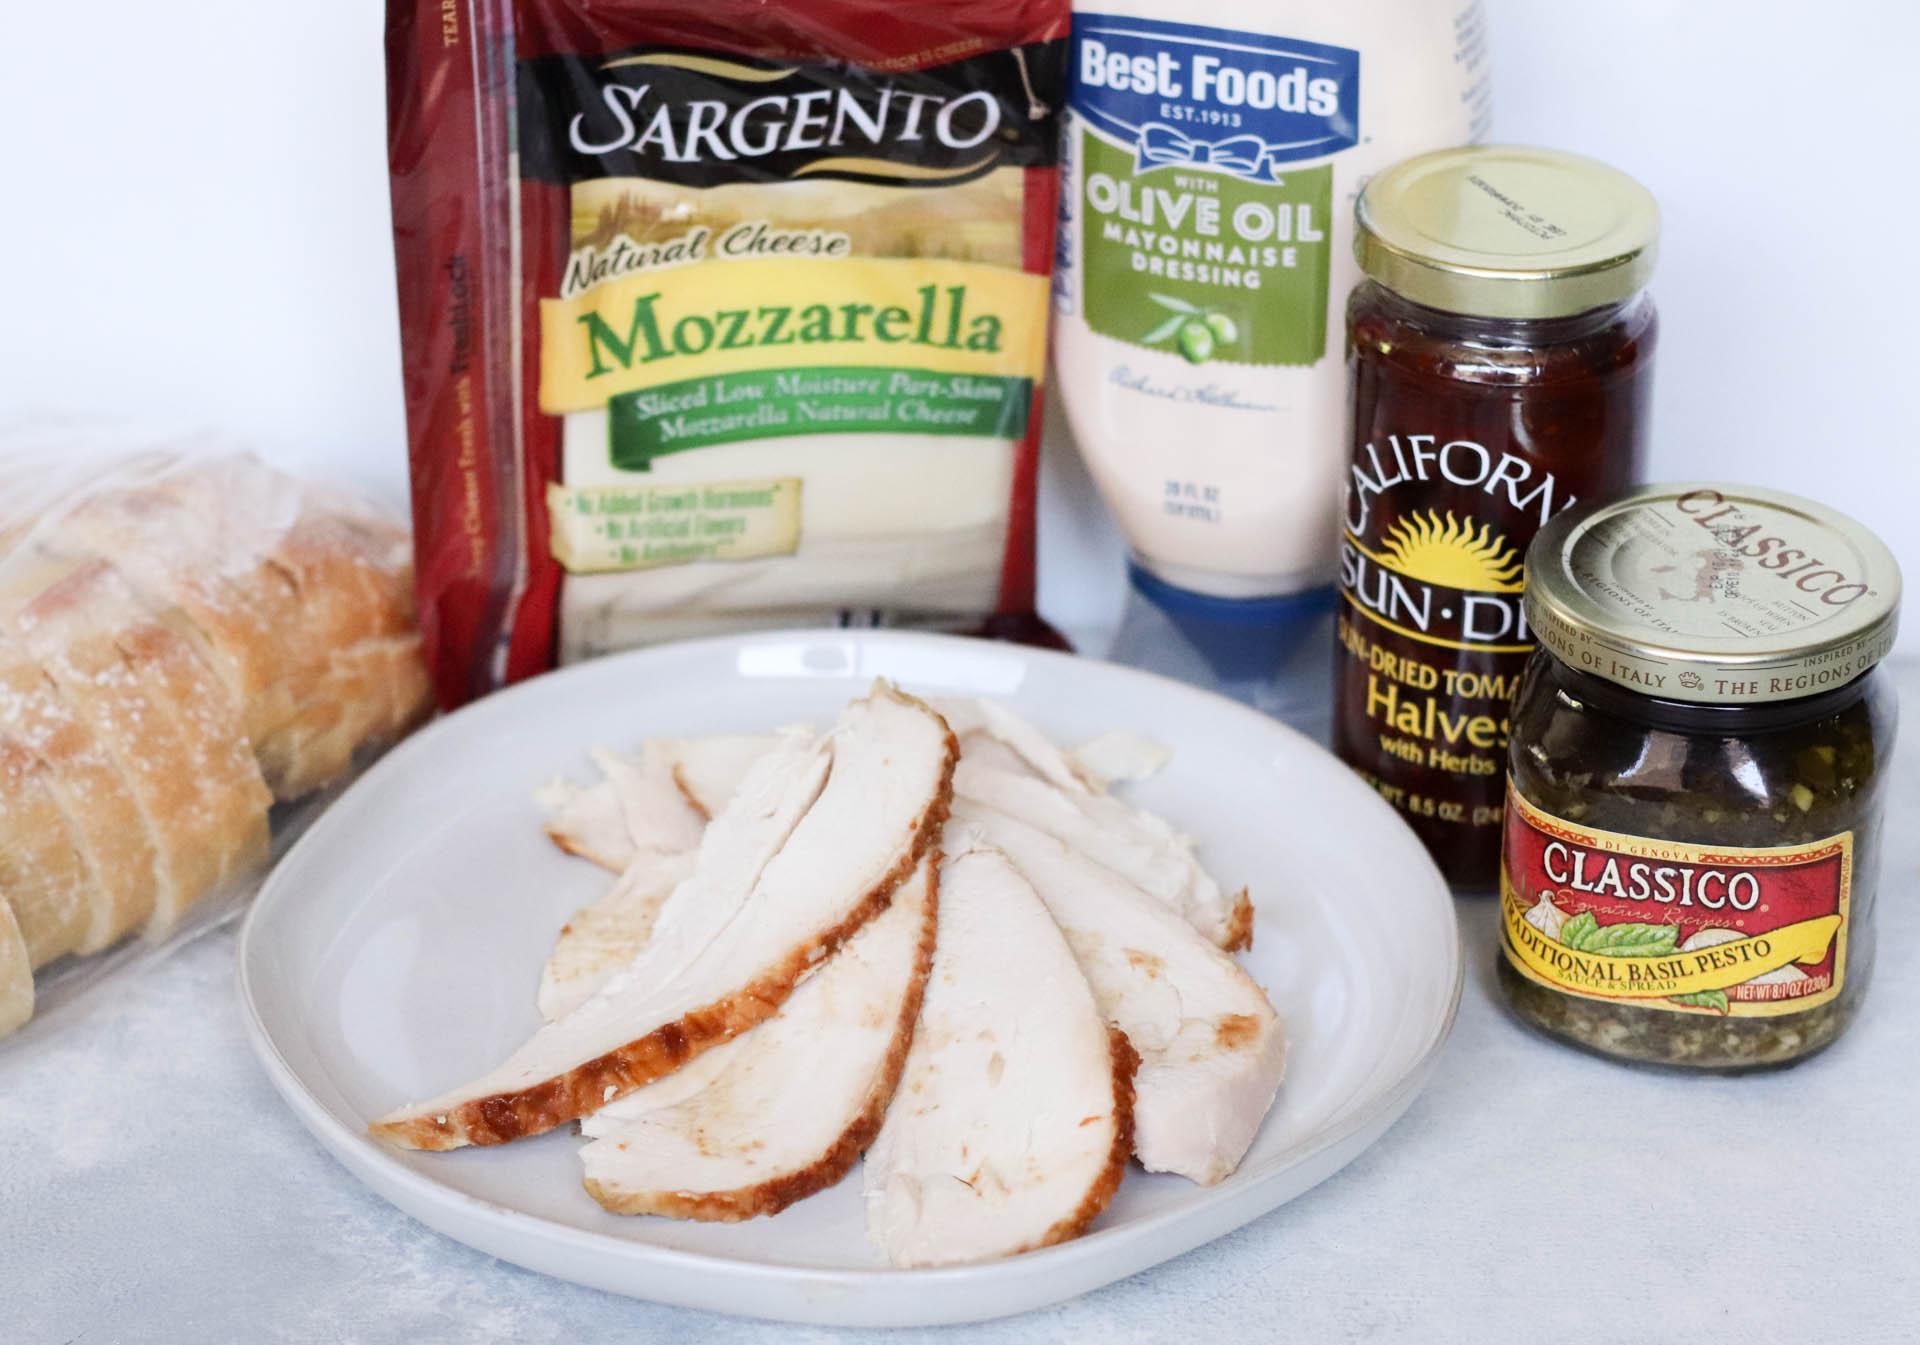 Ingredients for Pesto Chicken Sandwiches